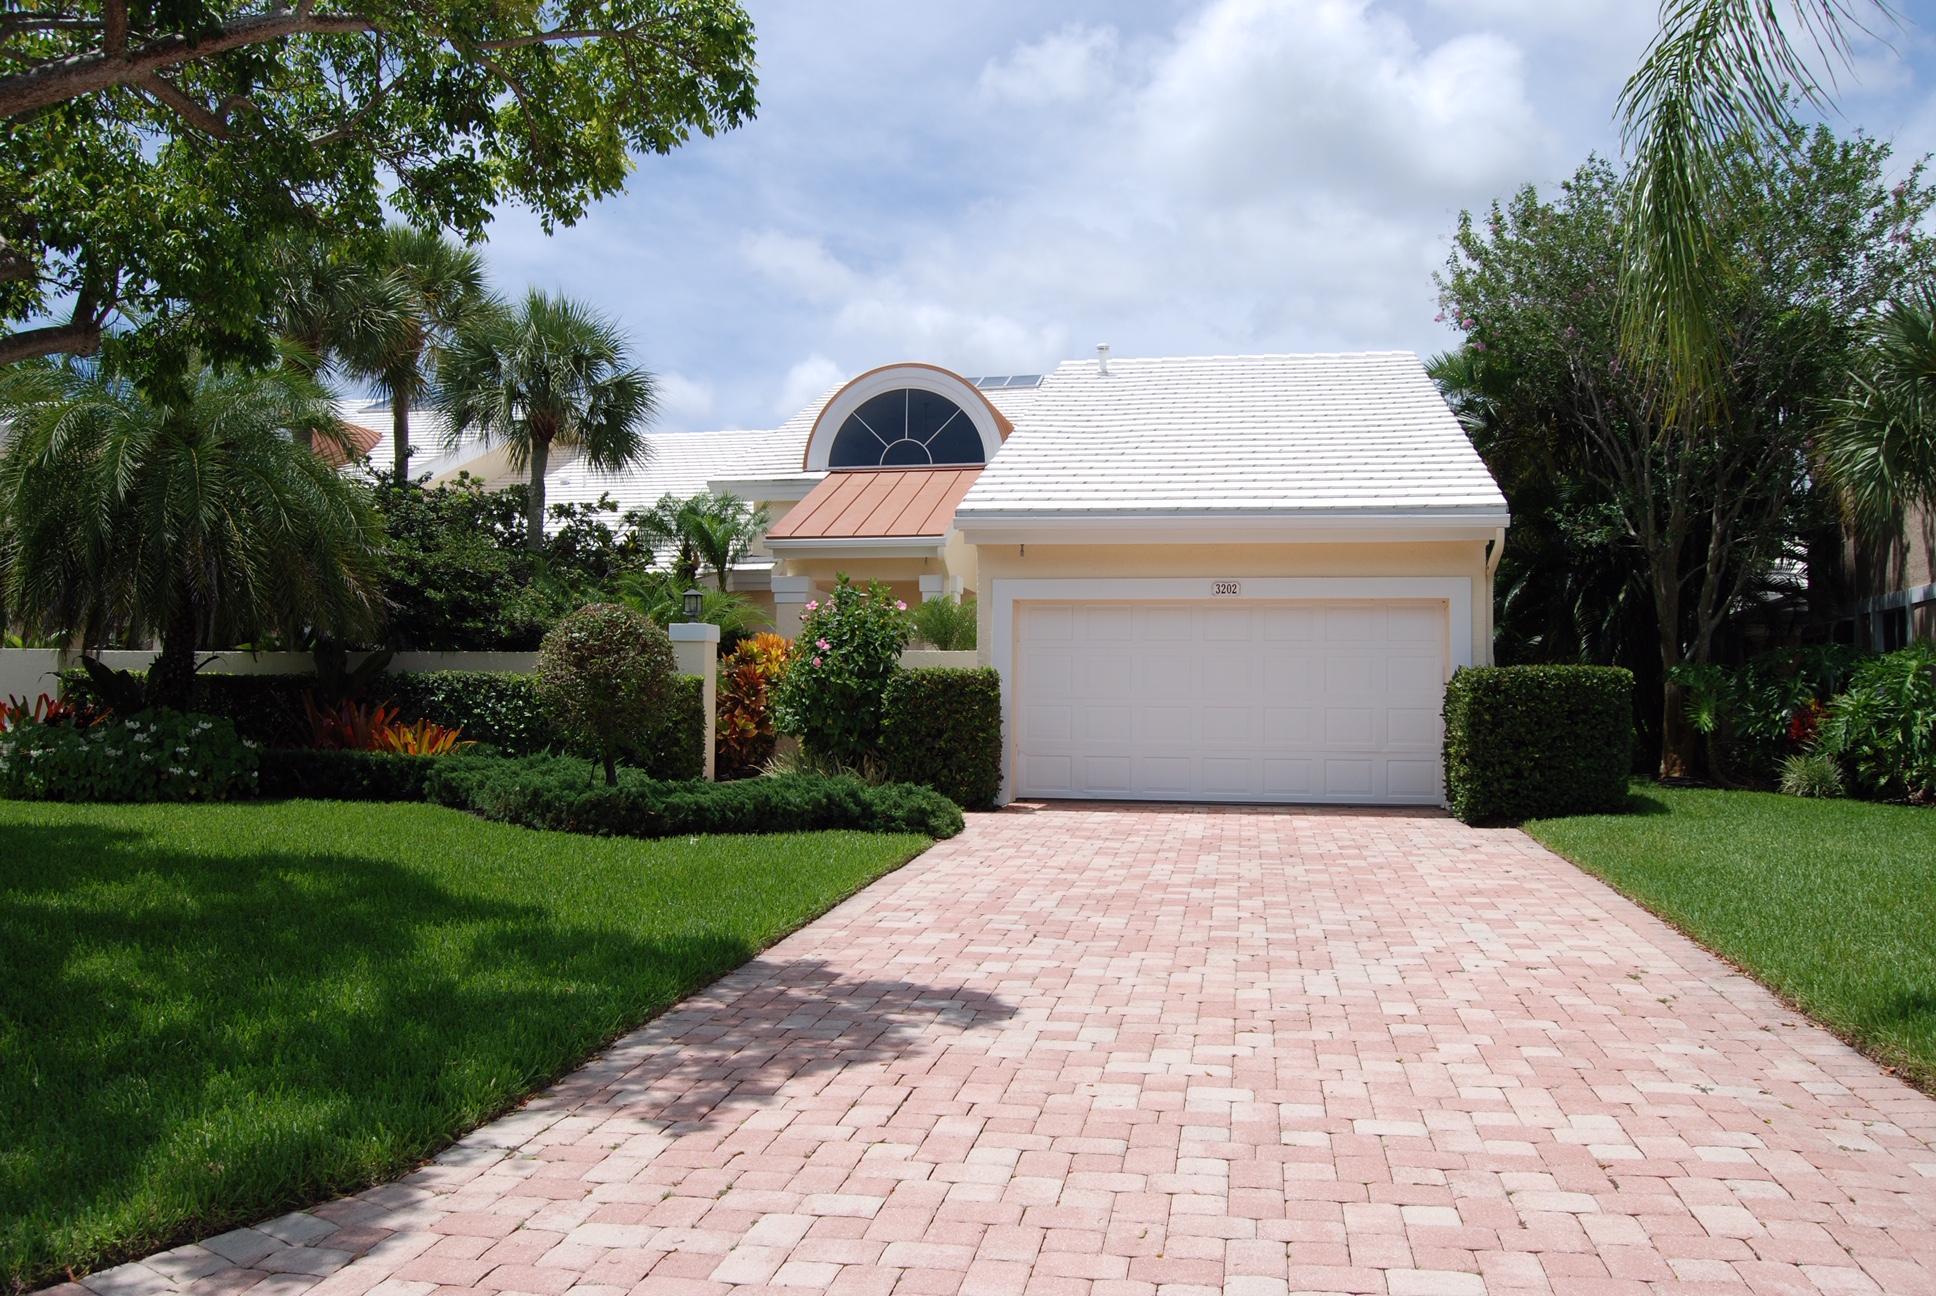 3202 Captains Way 3202, Jupiter, Florida 33477, 2 Bedrooms Bedrooms, ,2.1 BathroomsBathrooms,F,Villa,Captains,RX-10518346